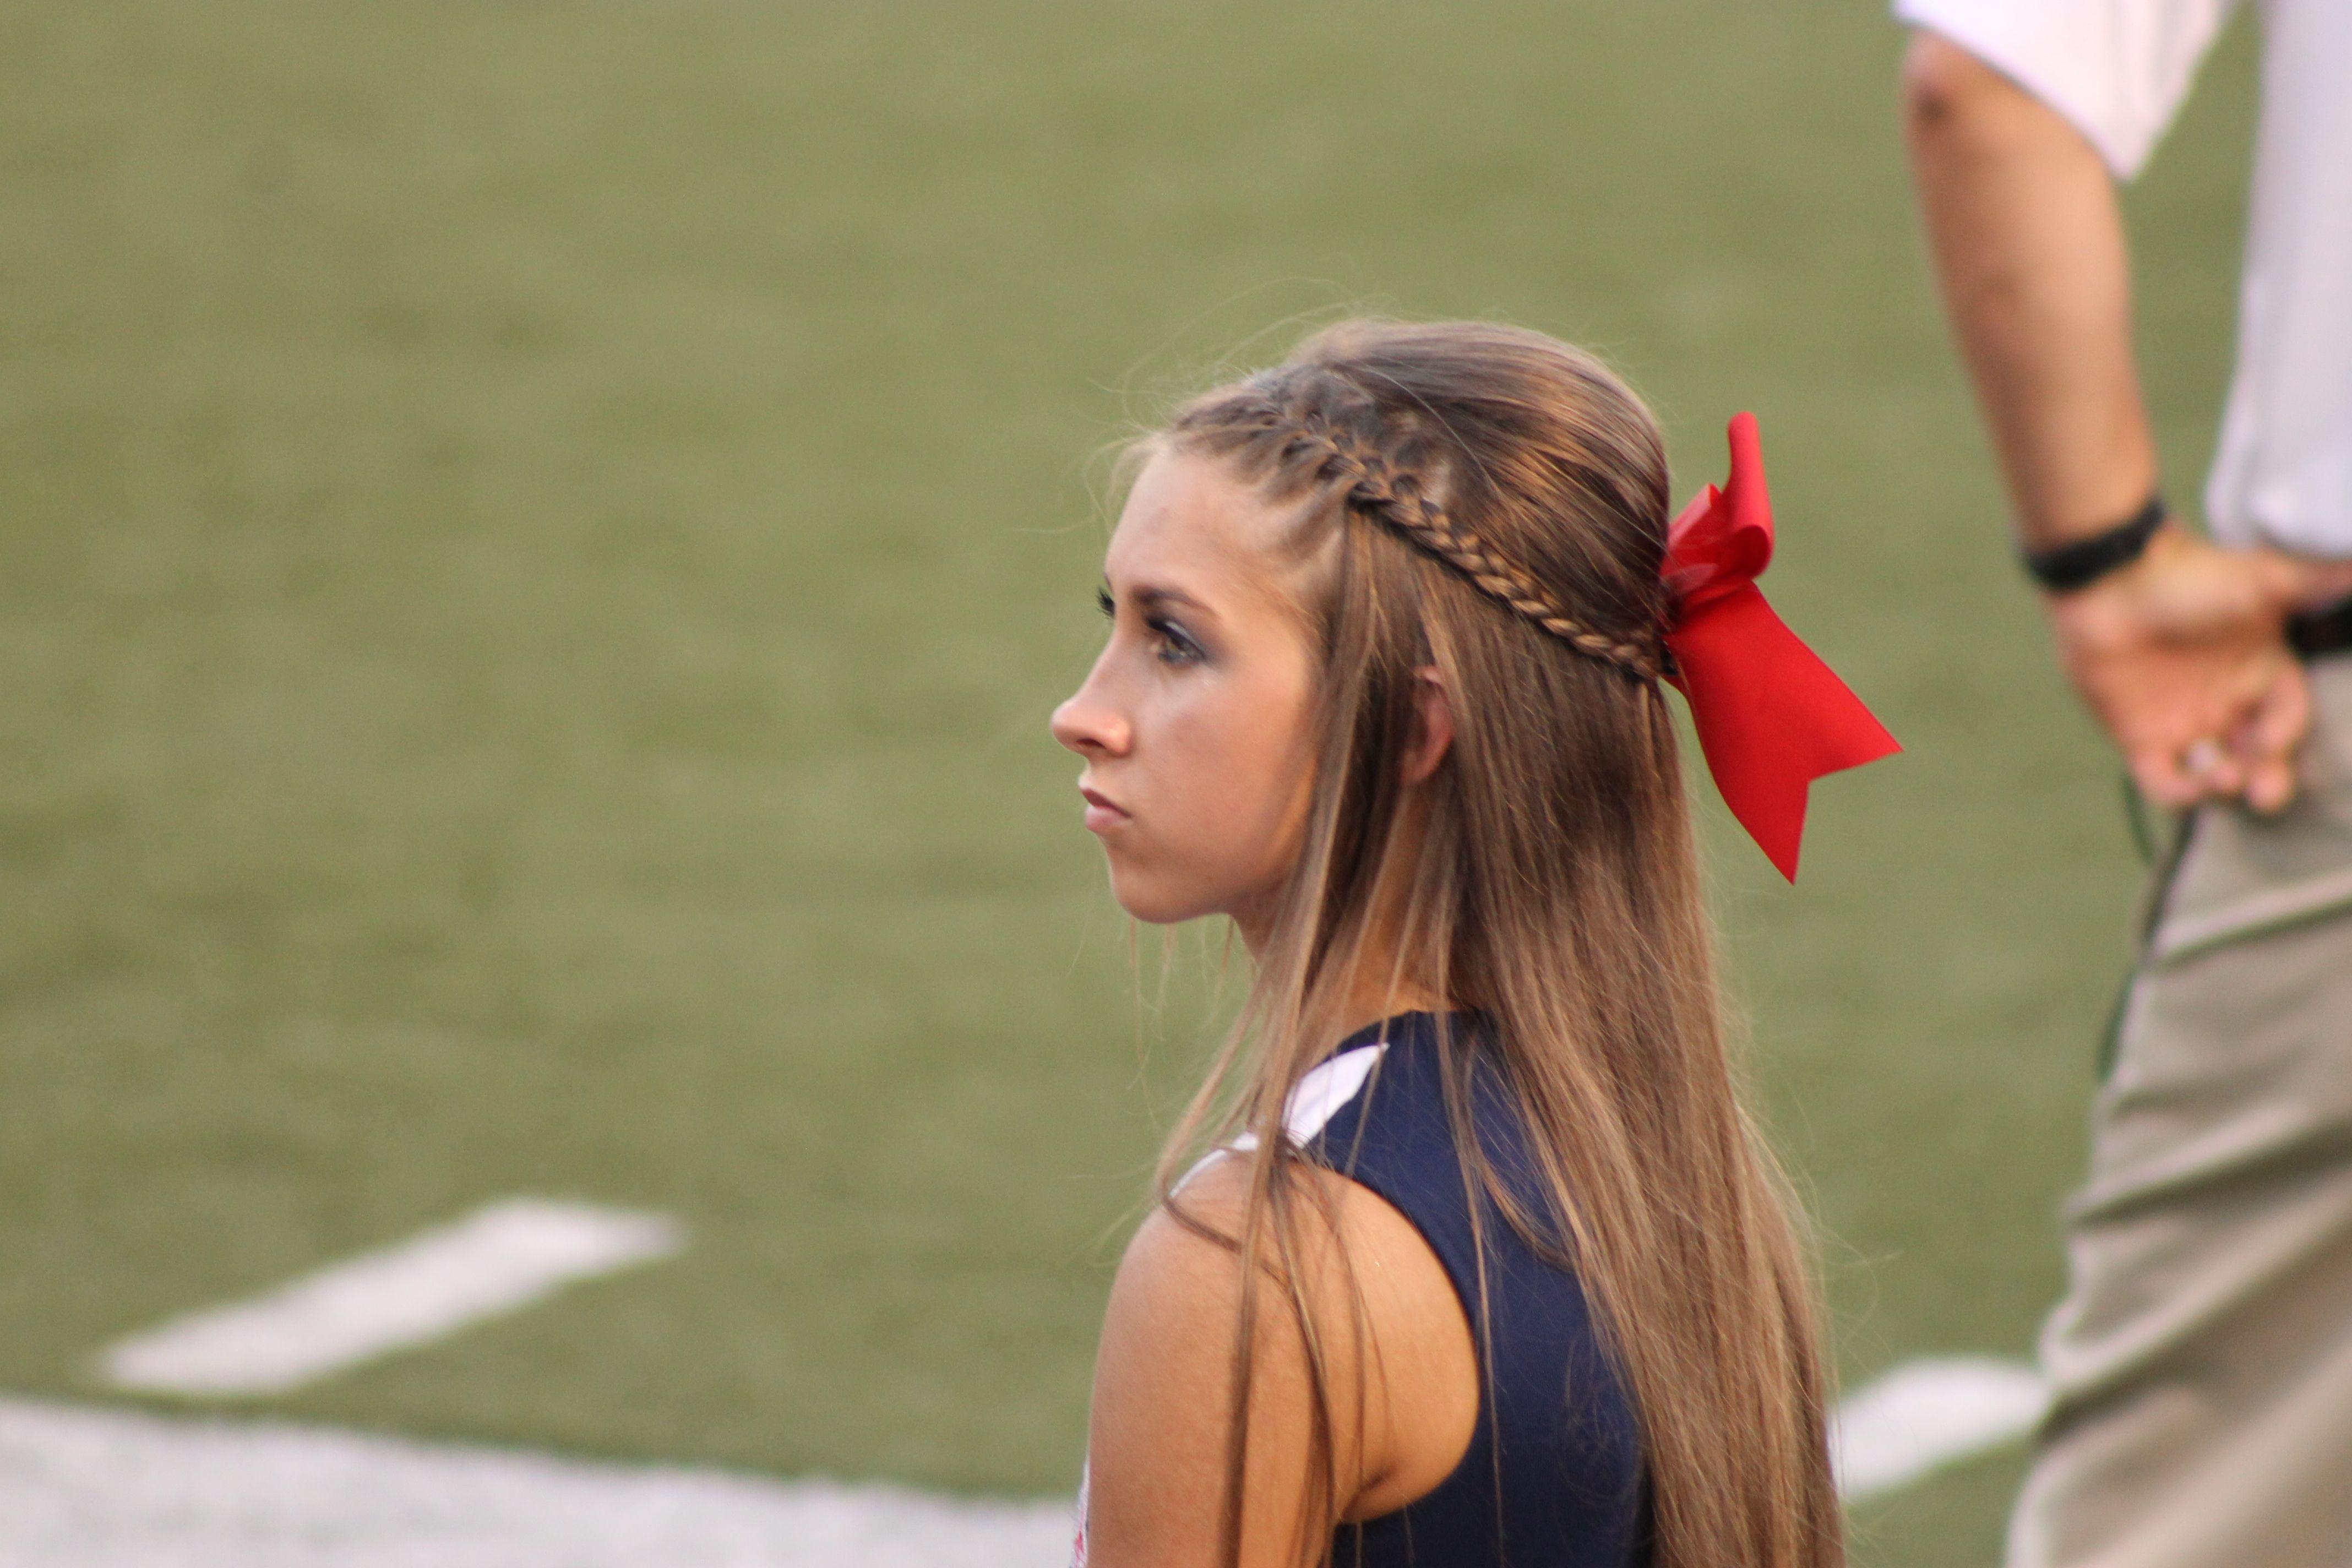 Cheerleader Hair Styles: Pin By Elsye Jones On ~Cheer Accessories And Unis~